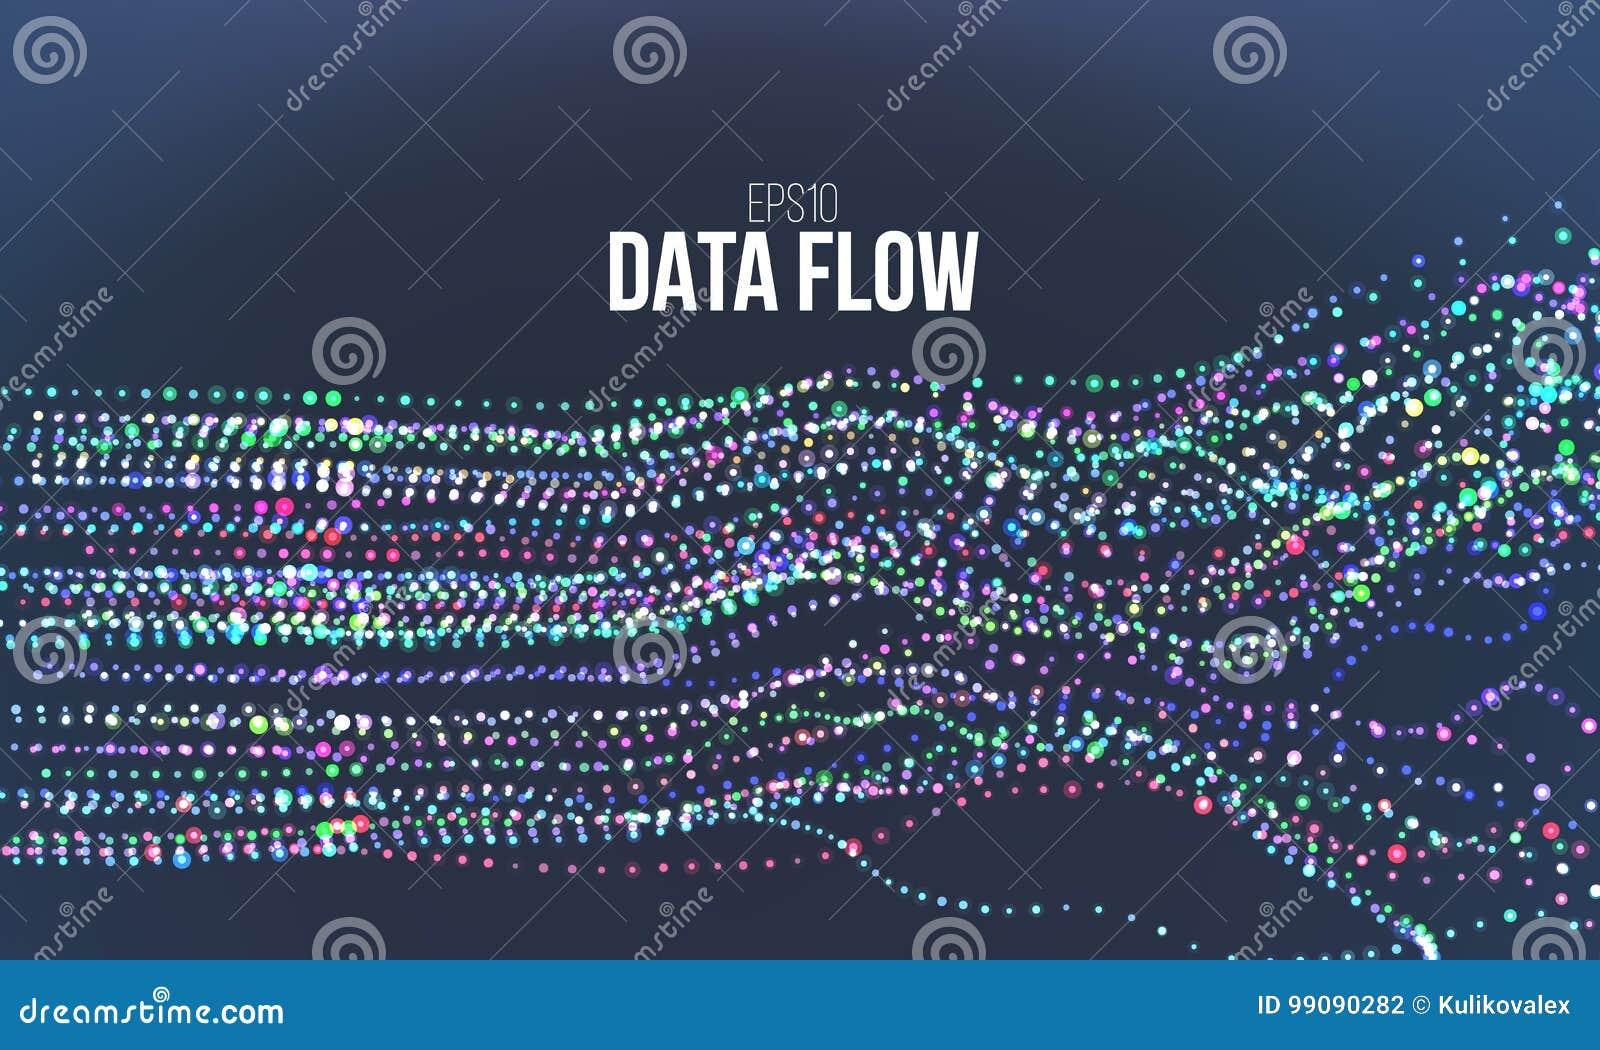 De vectorillustratie van de gegevensstroom De digitale stroom van het informatielawaai De berekening van de Blockchainstructuur